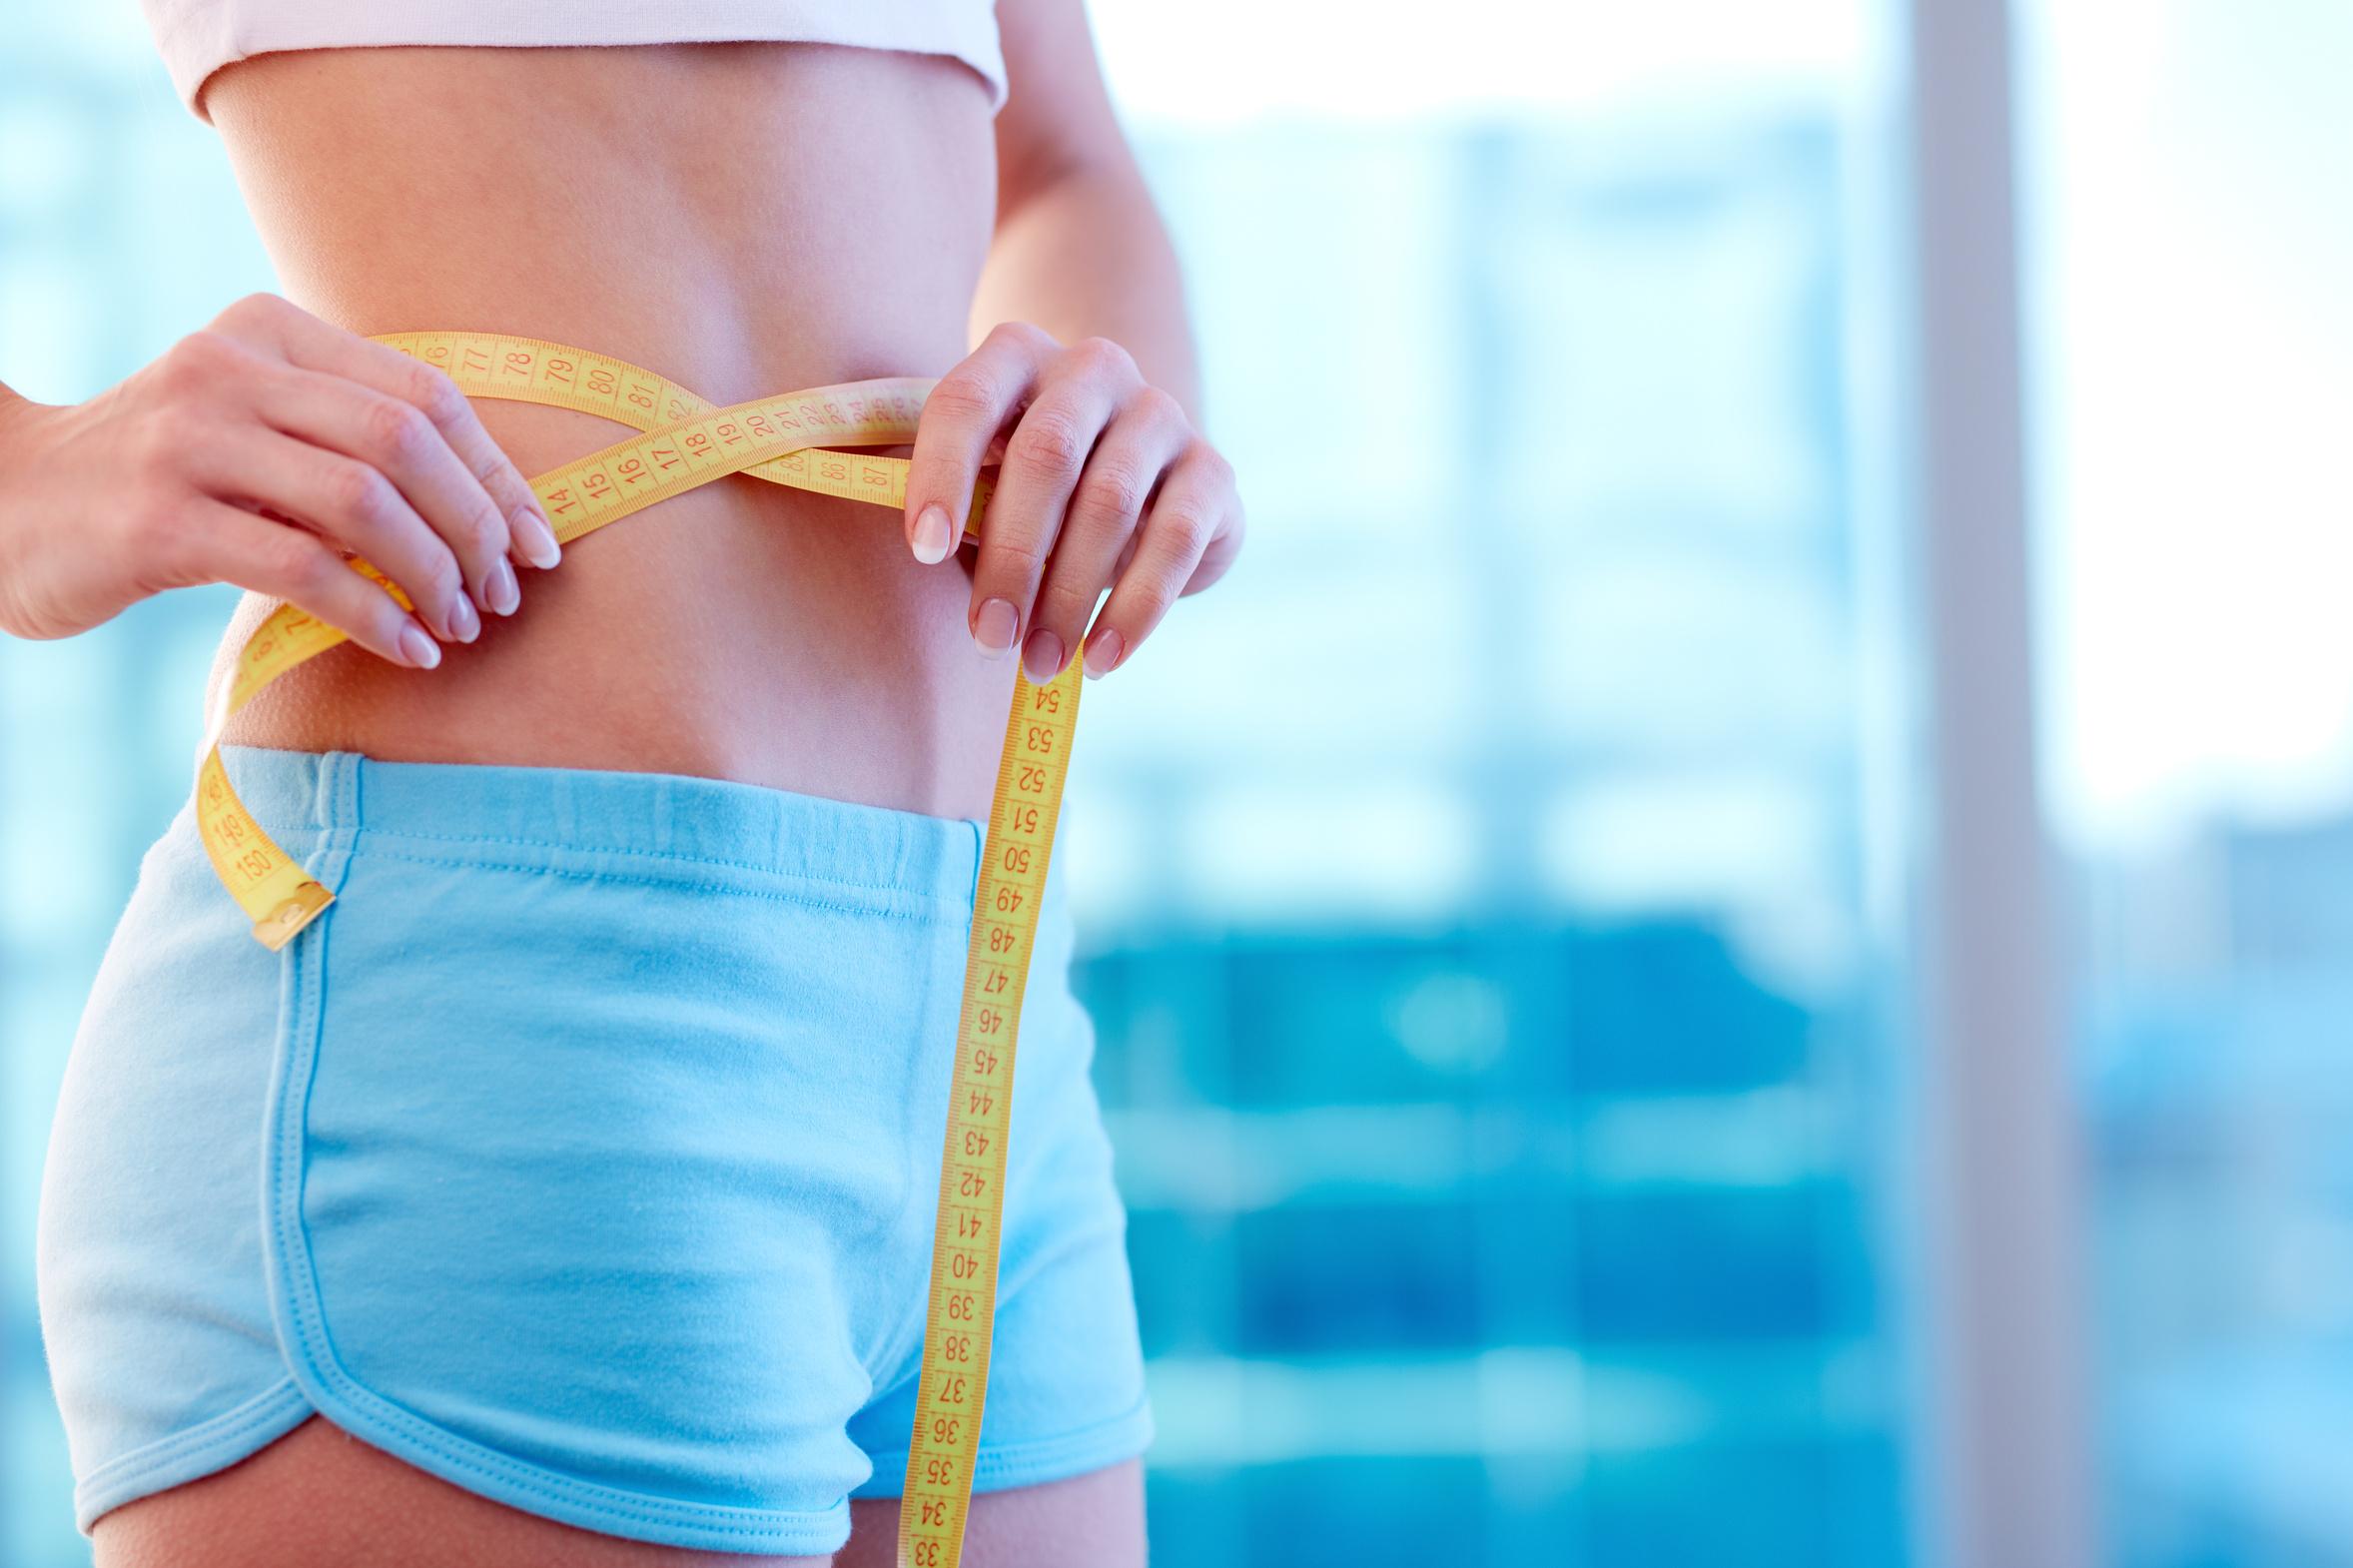 Slăbiți rapid cu dieta potrivită - Așa funcționează pierderea în greutate rapidă și sănătoasă